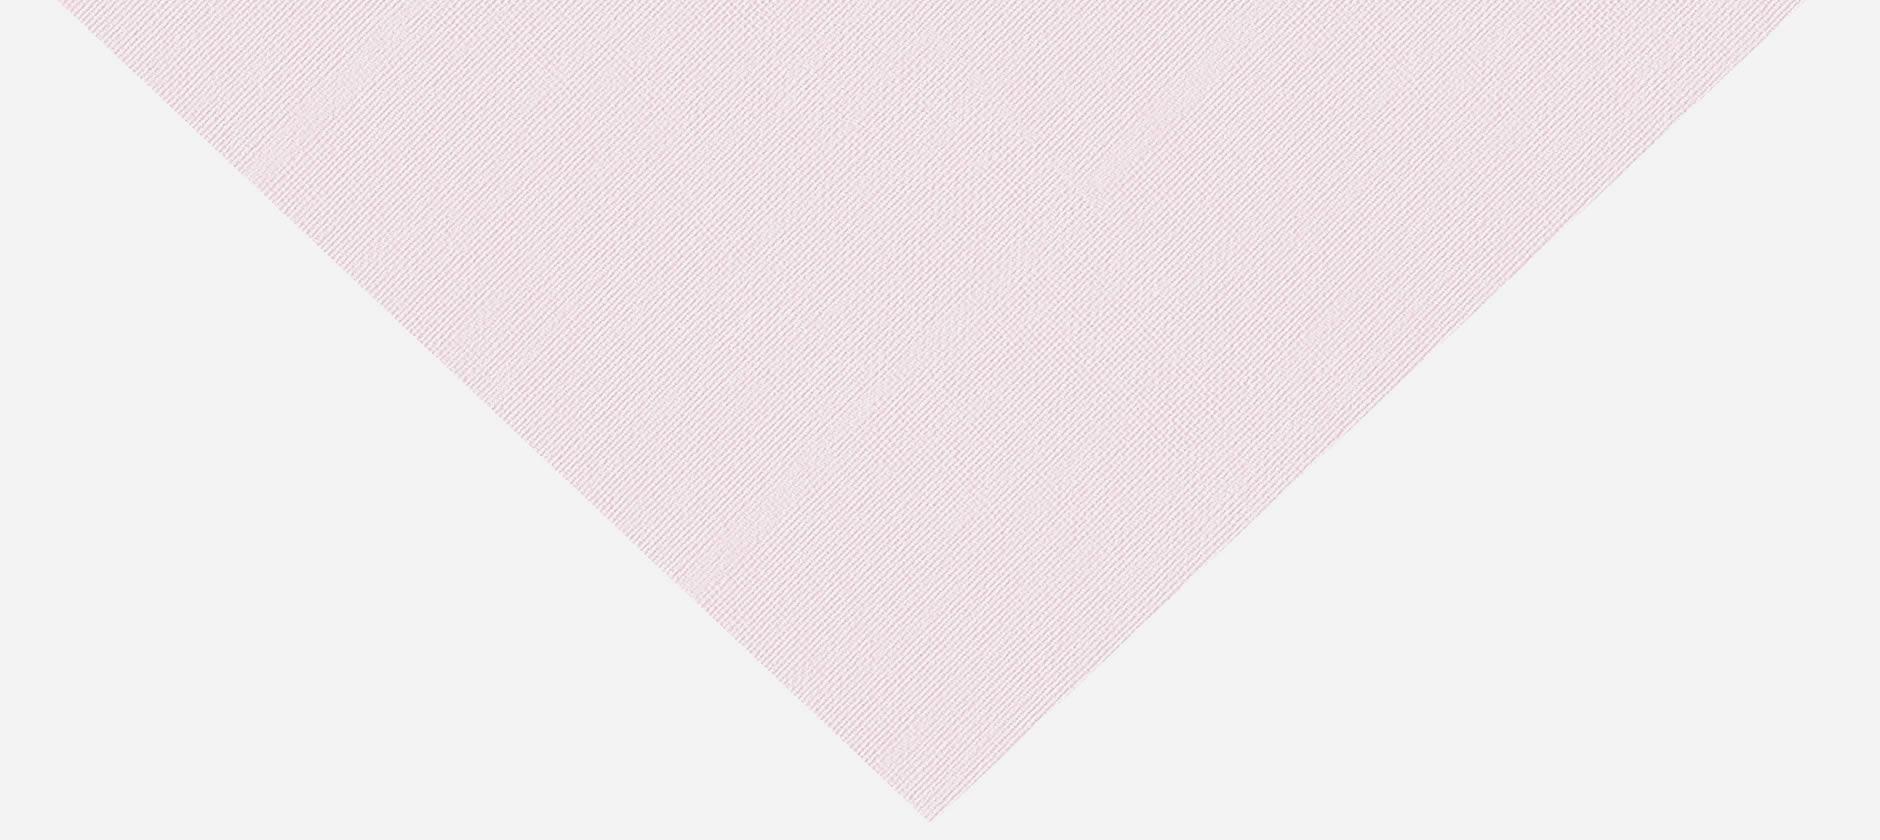 Linen Light Pink